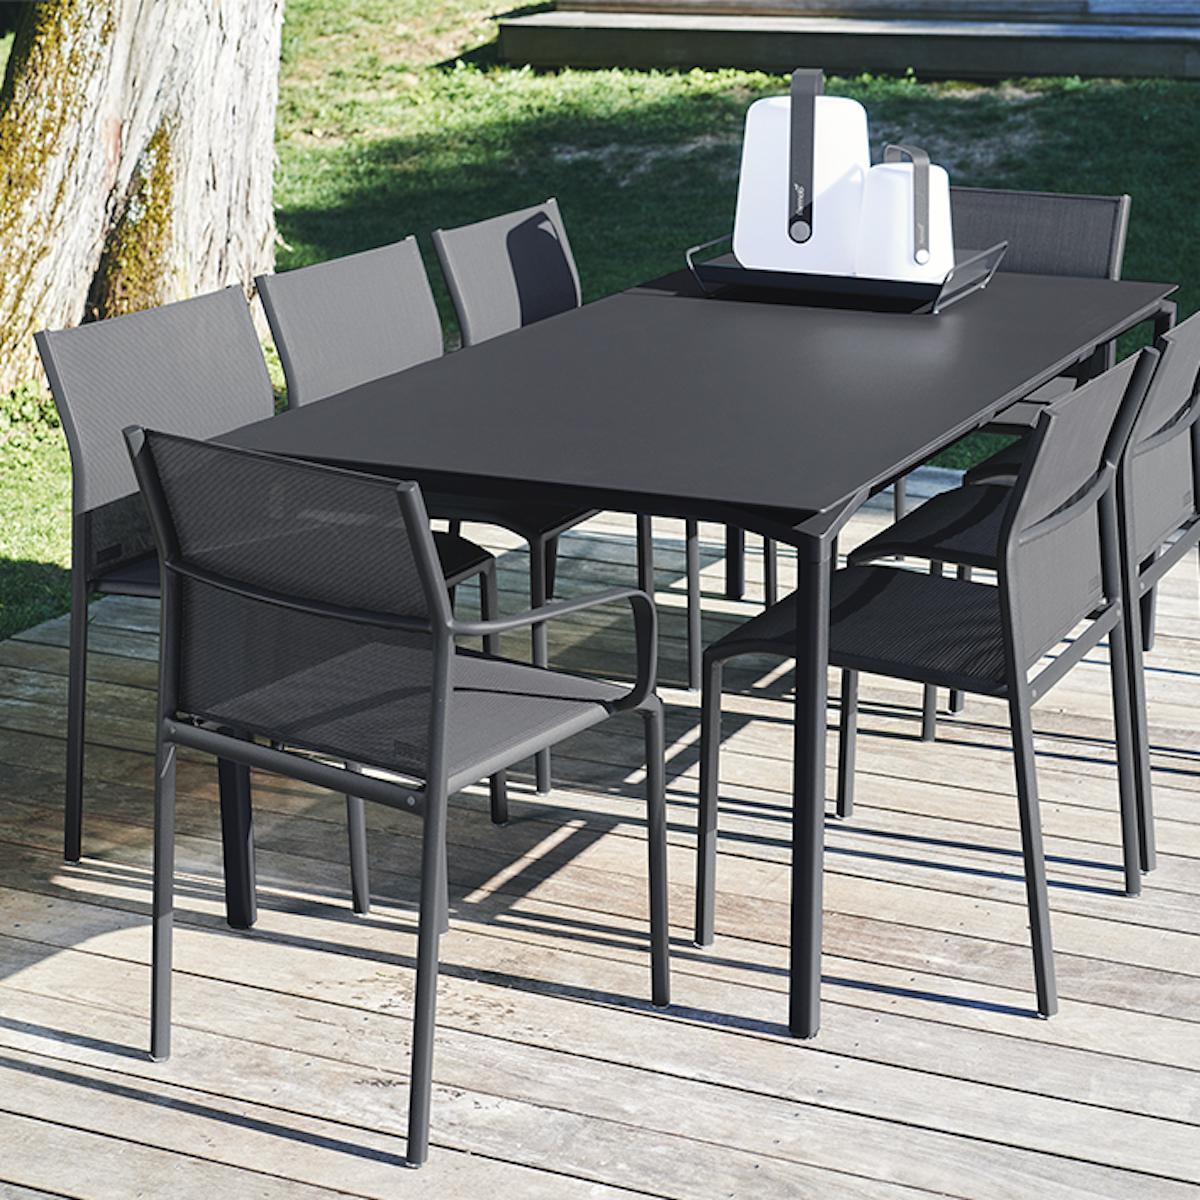 Table 95x195cm CALVI Fermob rouge coquelicot